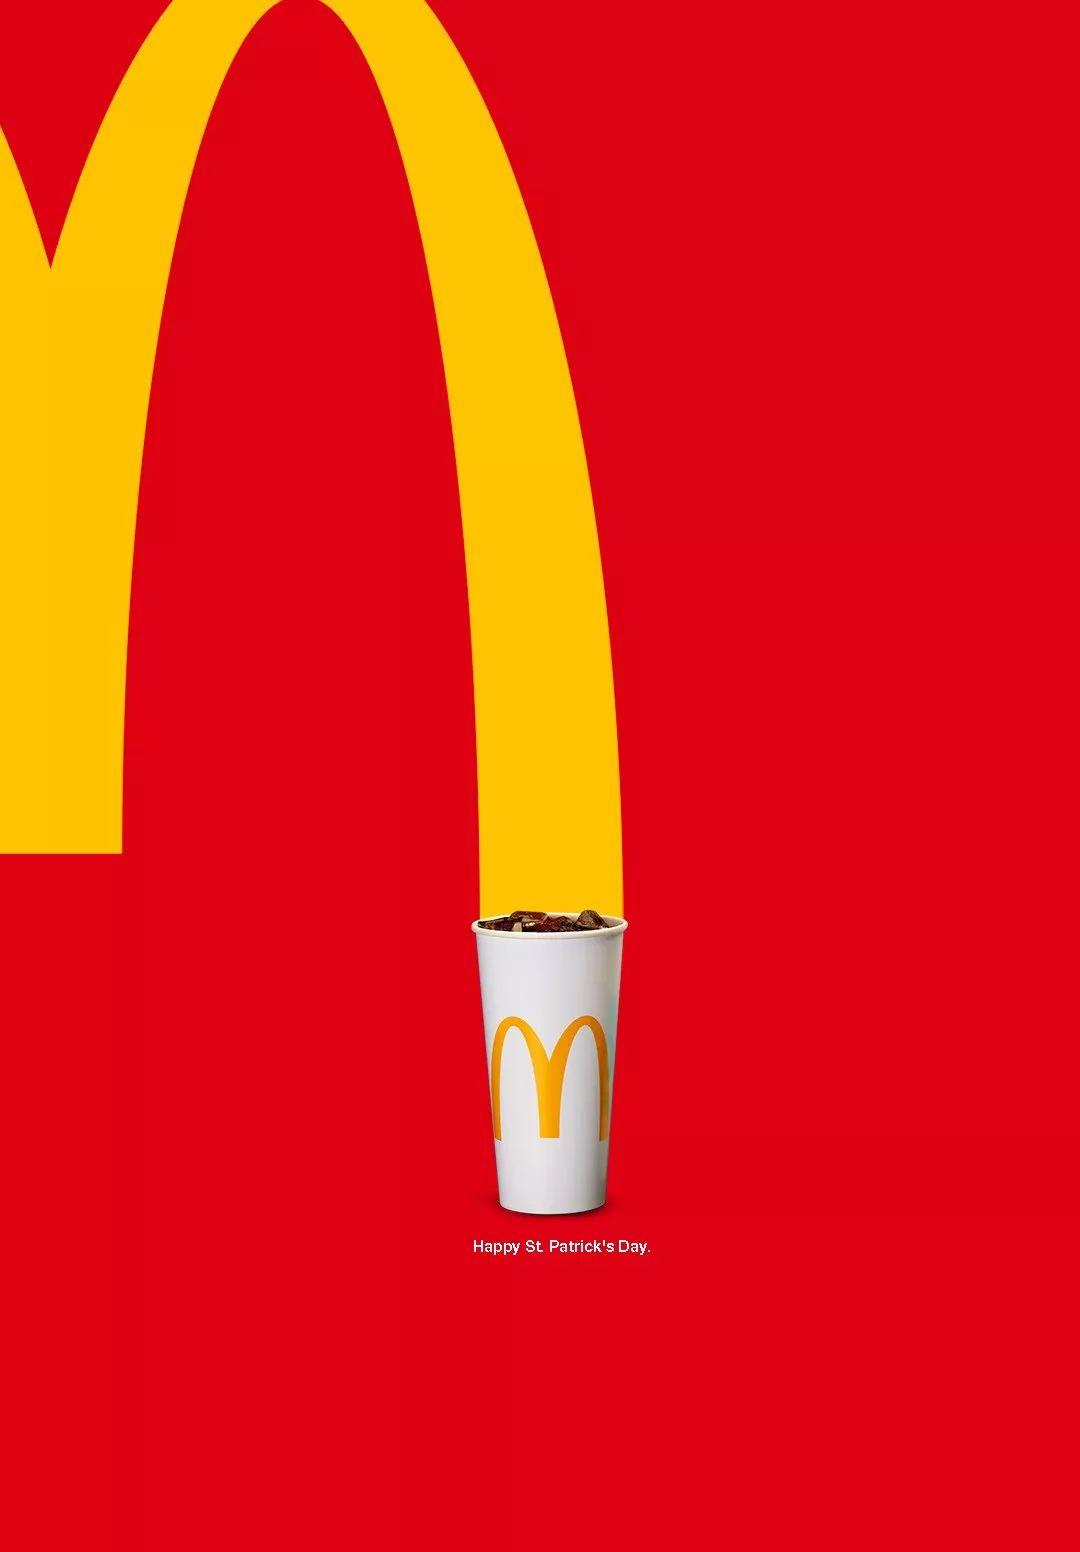 音乐资讯_St.patrick's day圣帕特里克节:麦当劳广告欣赏 - 设计之家